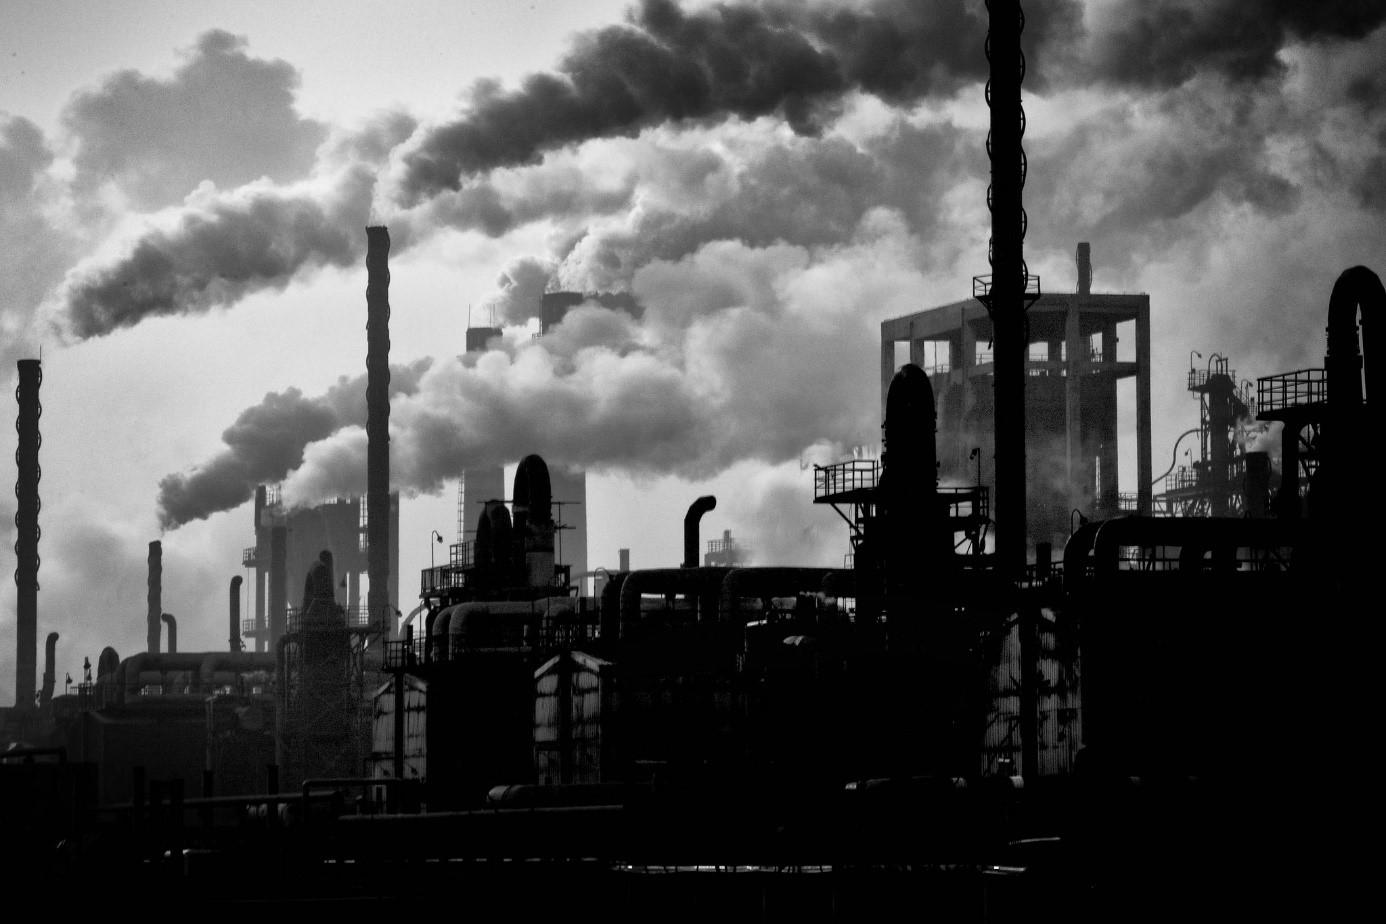 Niedobory energii uderzają w chiński przemysł i globalne łańcuchy dostaw